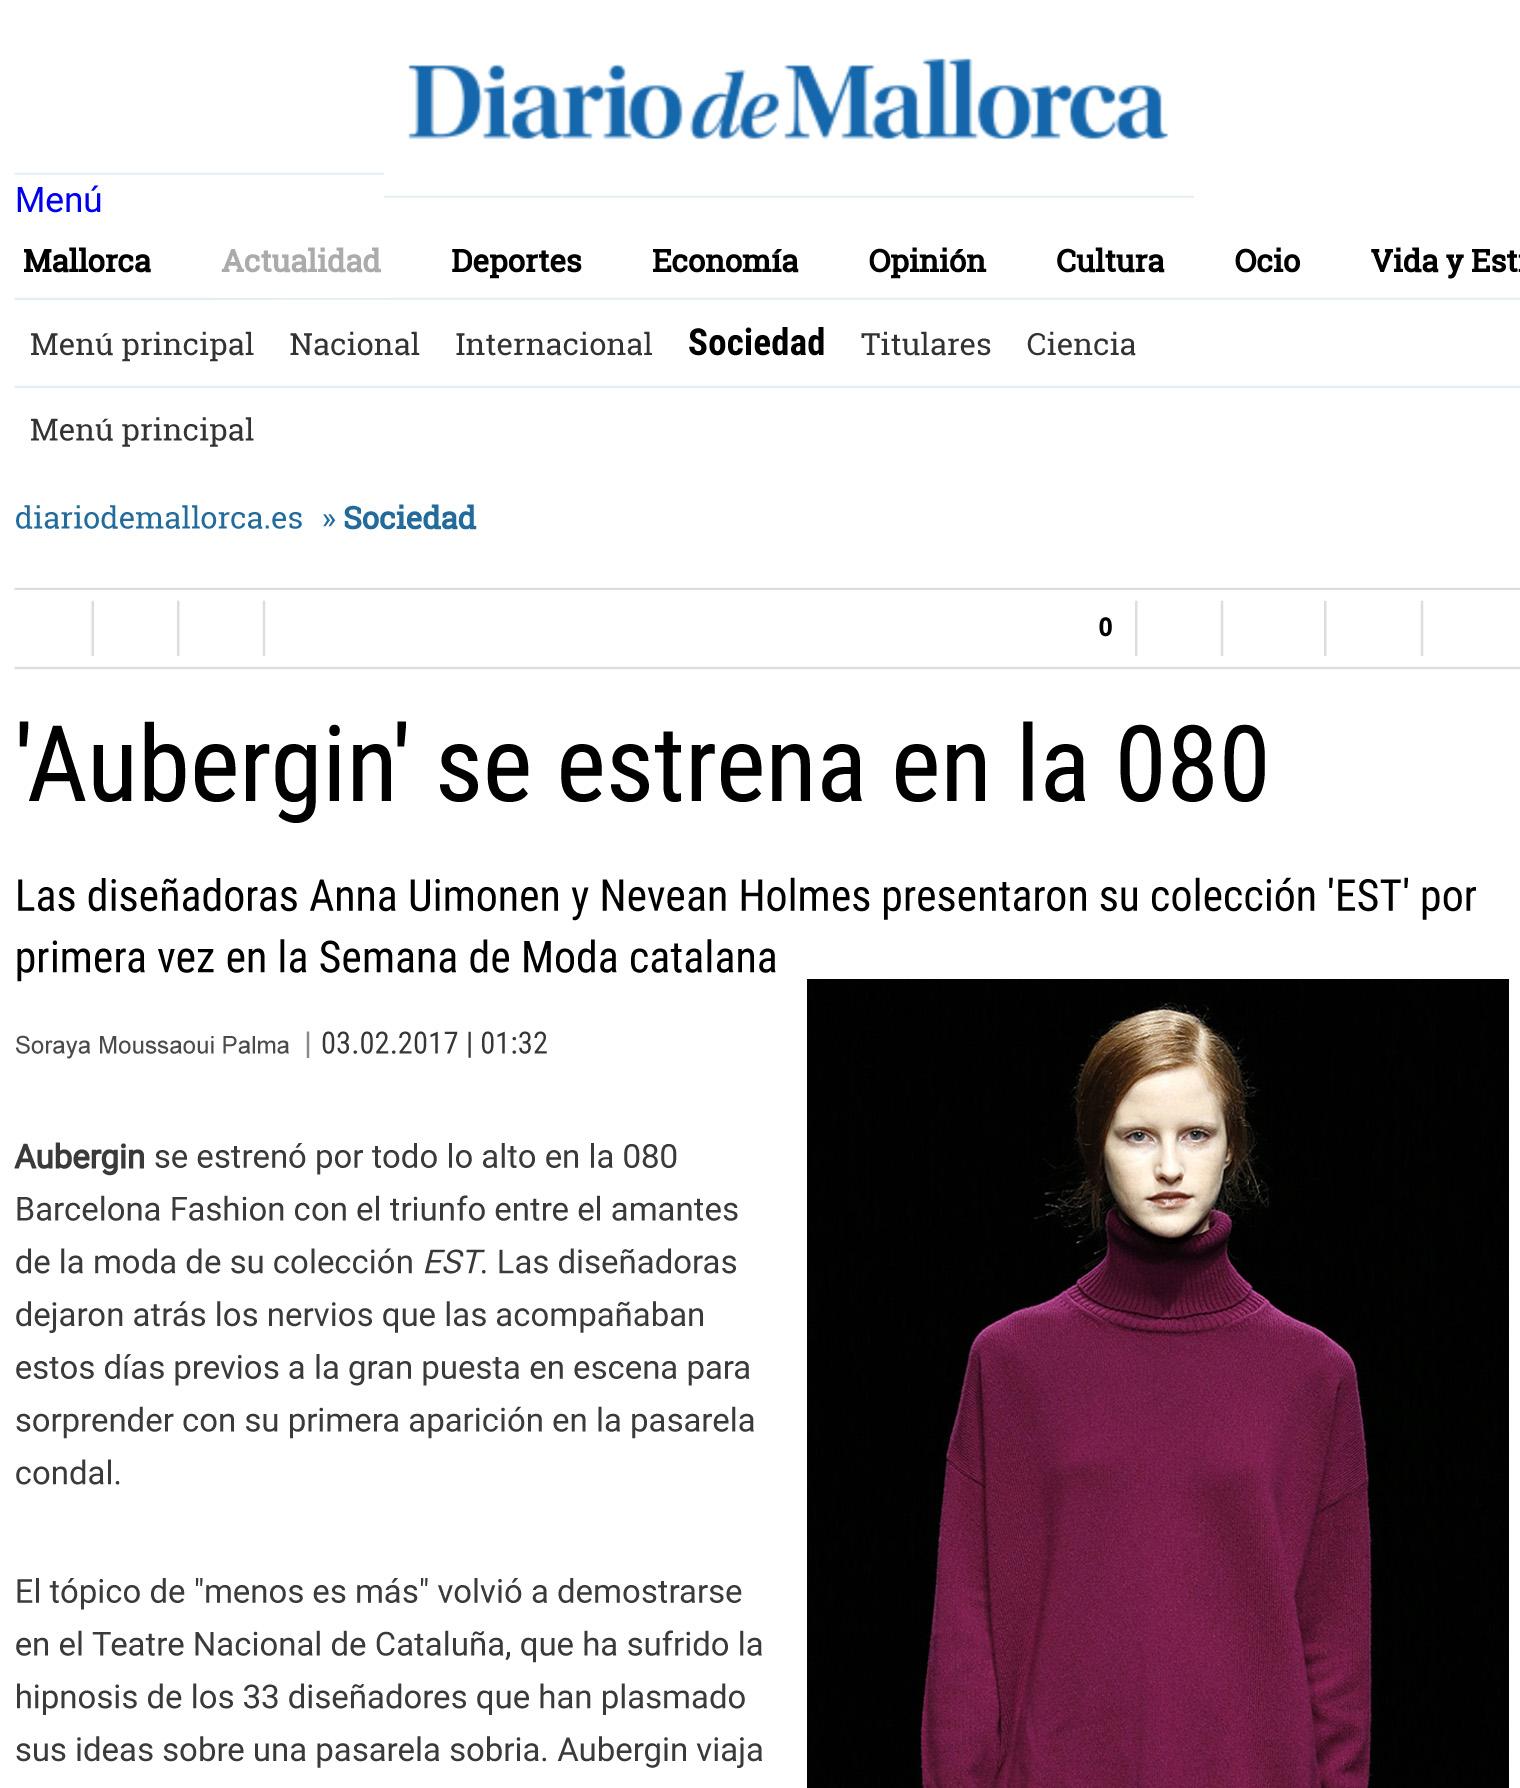 Diario de mallorca.jpg